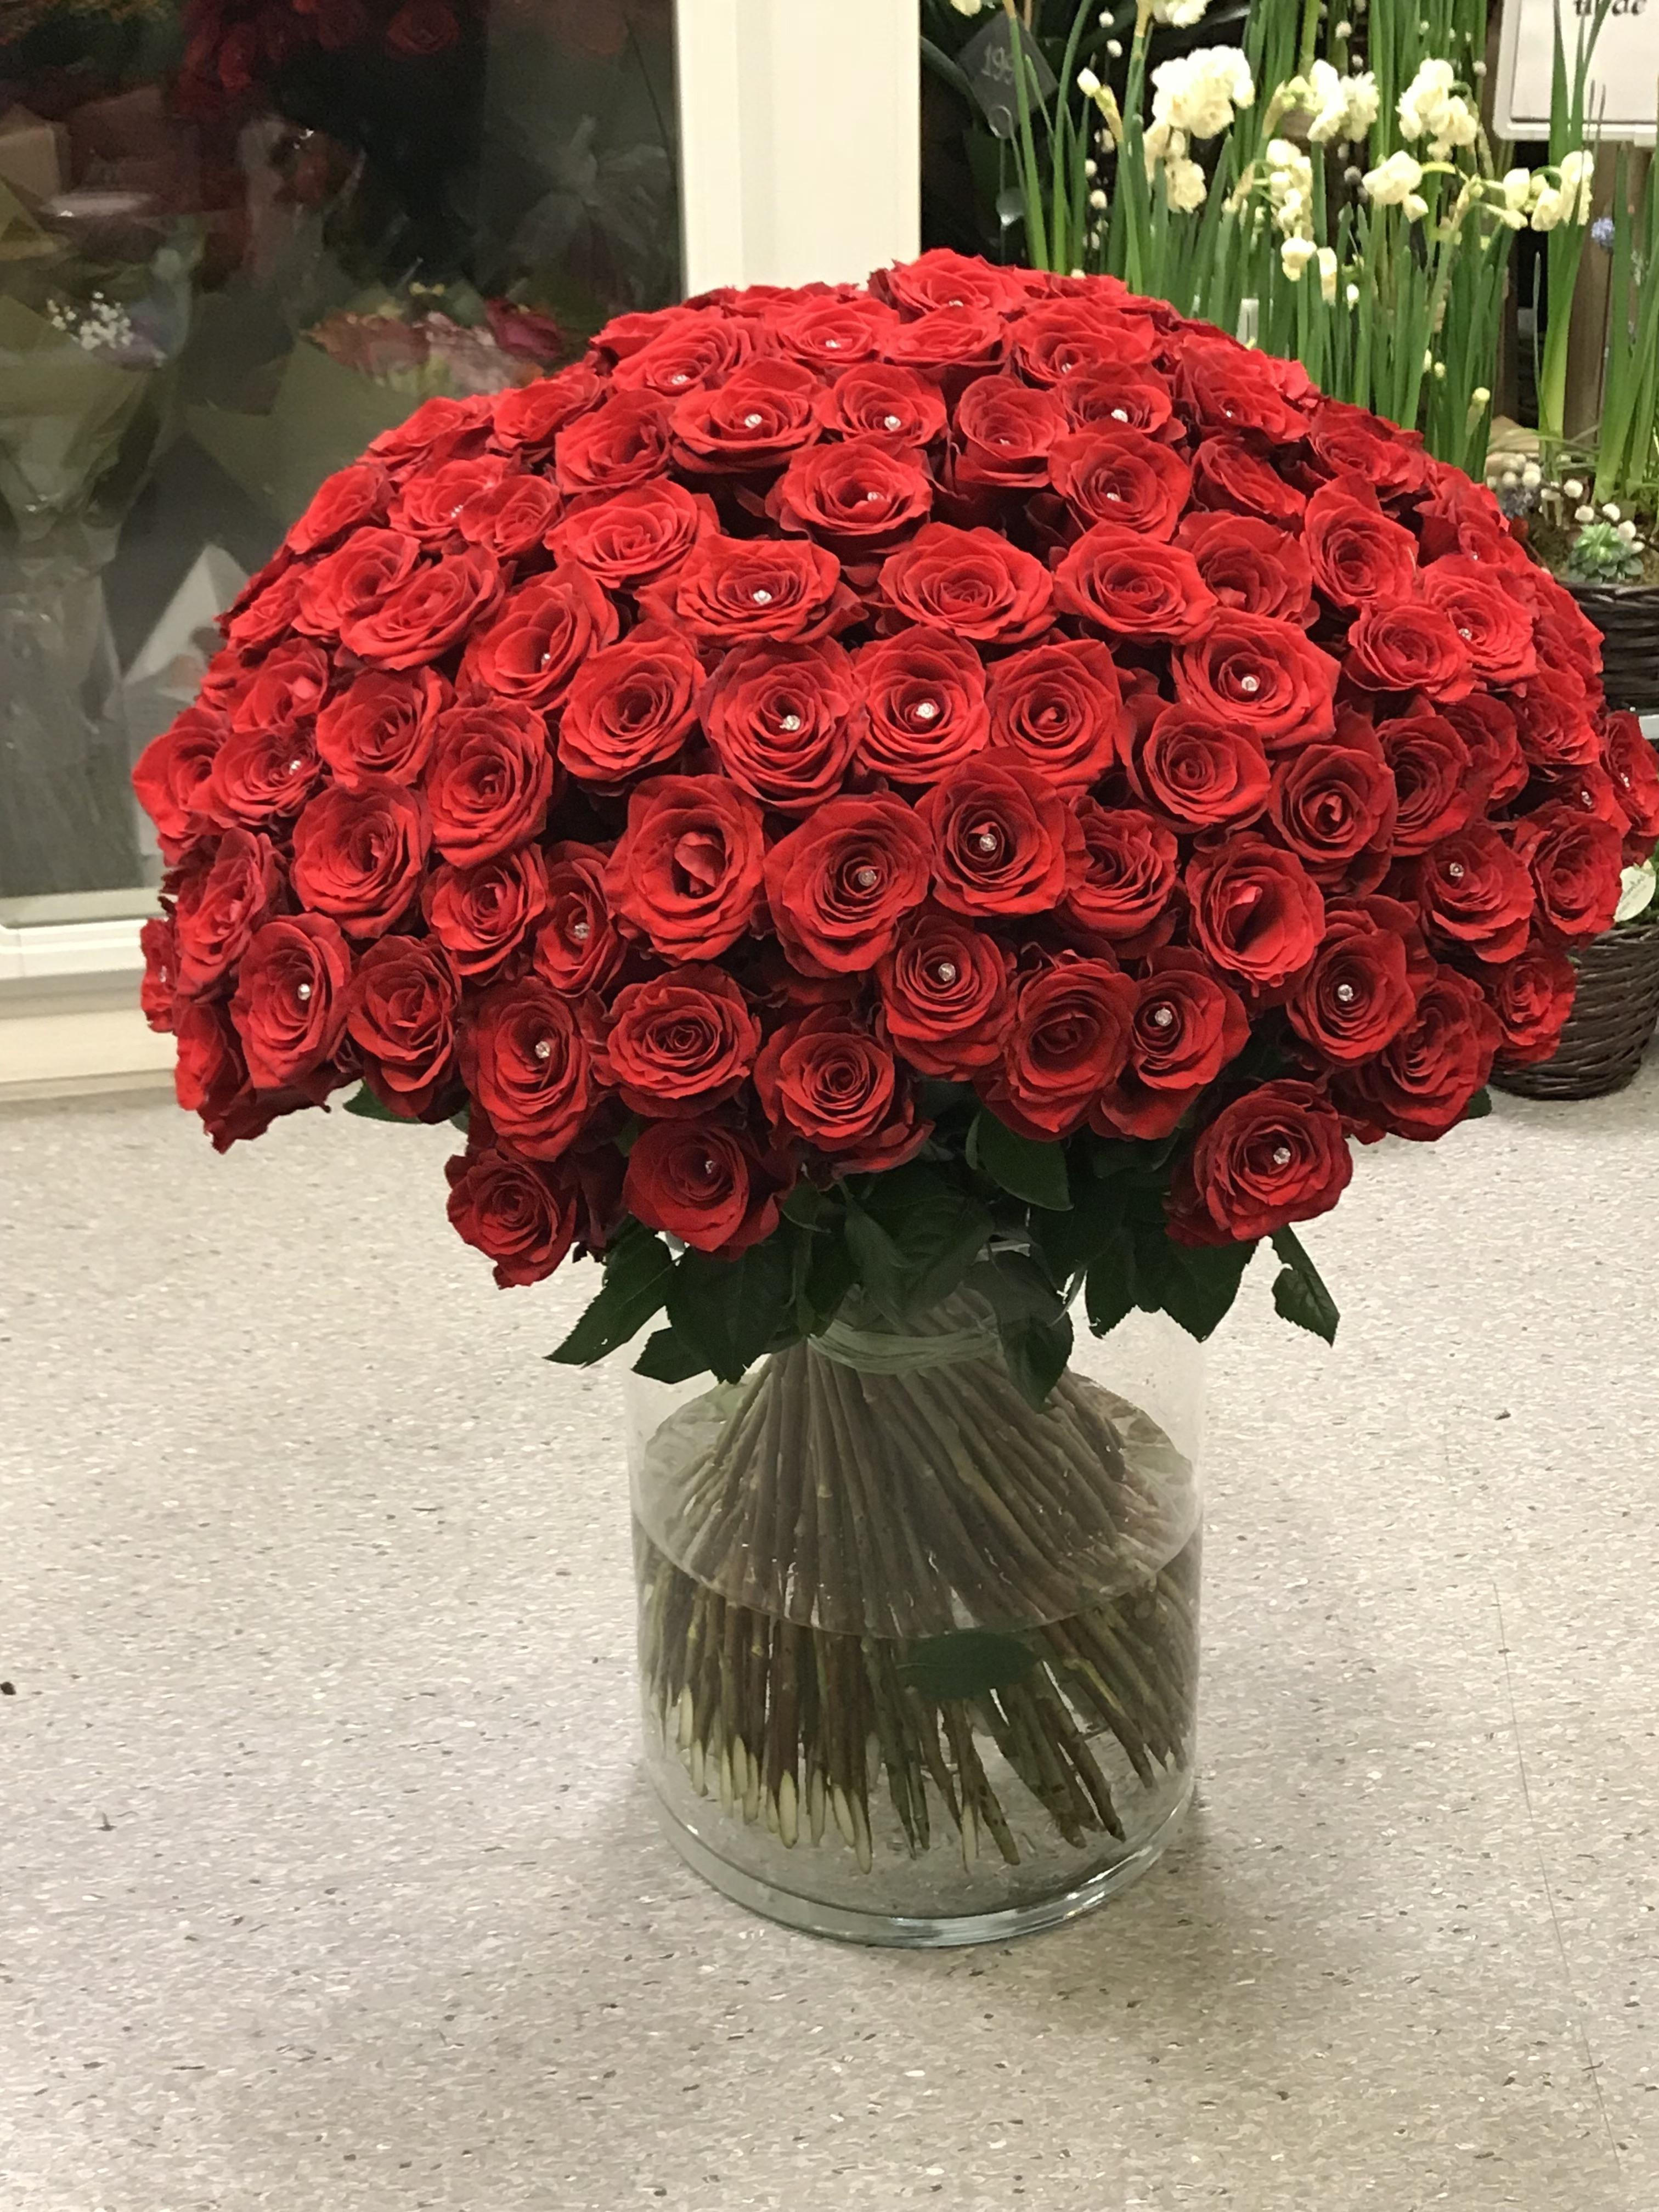 Klassisk røde roser 100-150stk